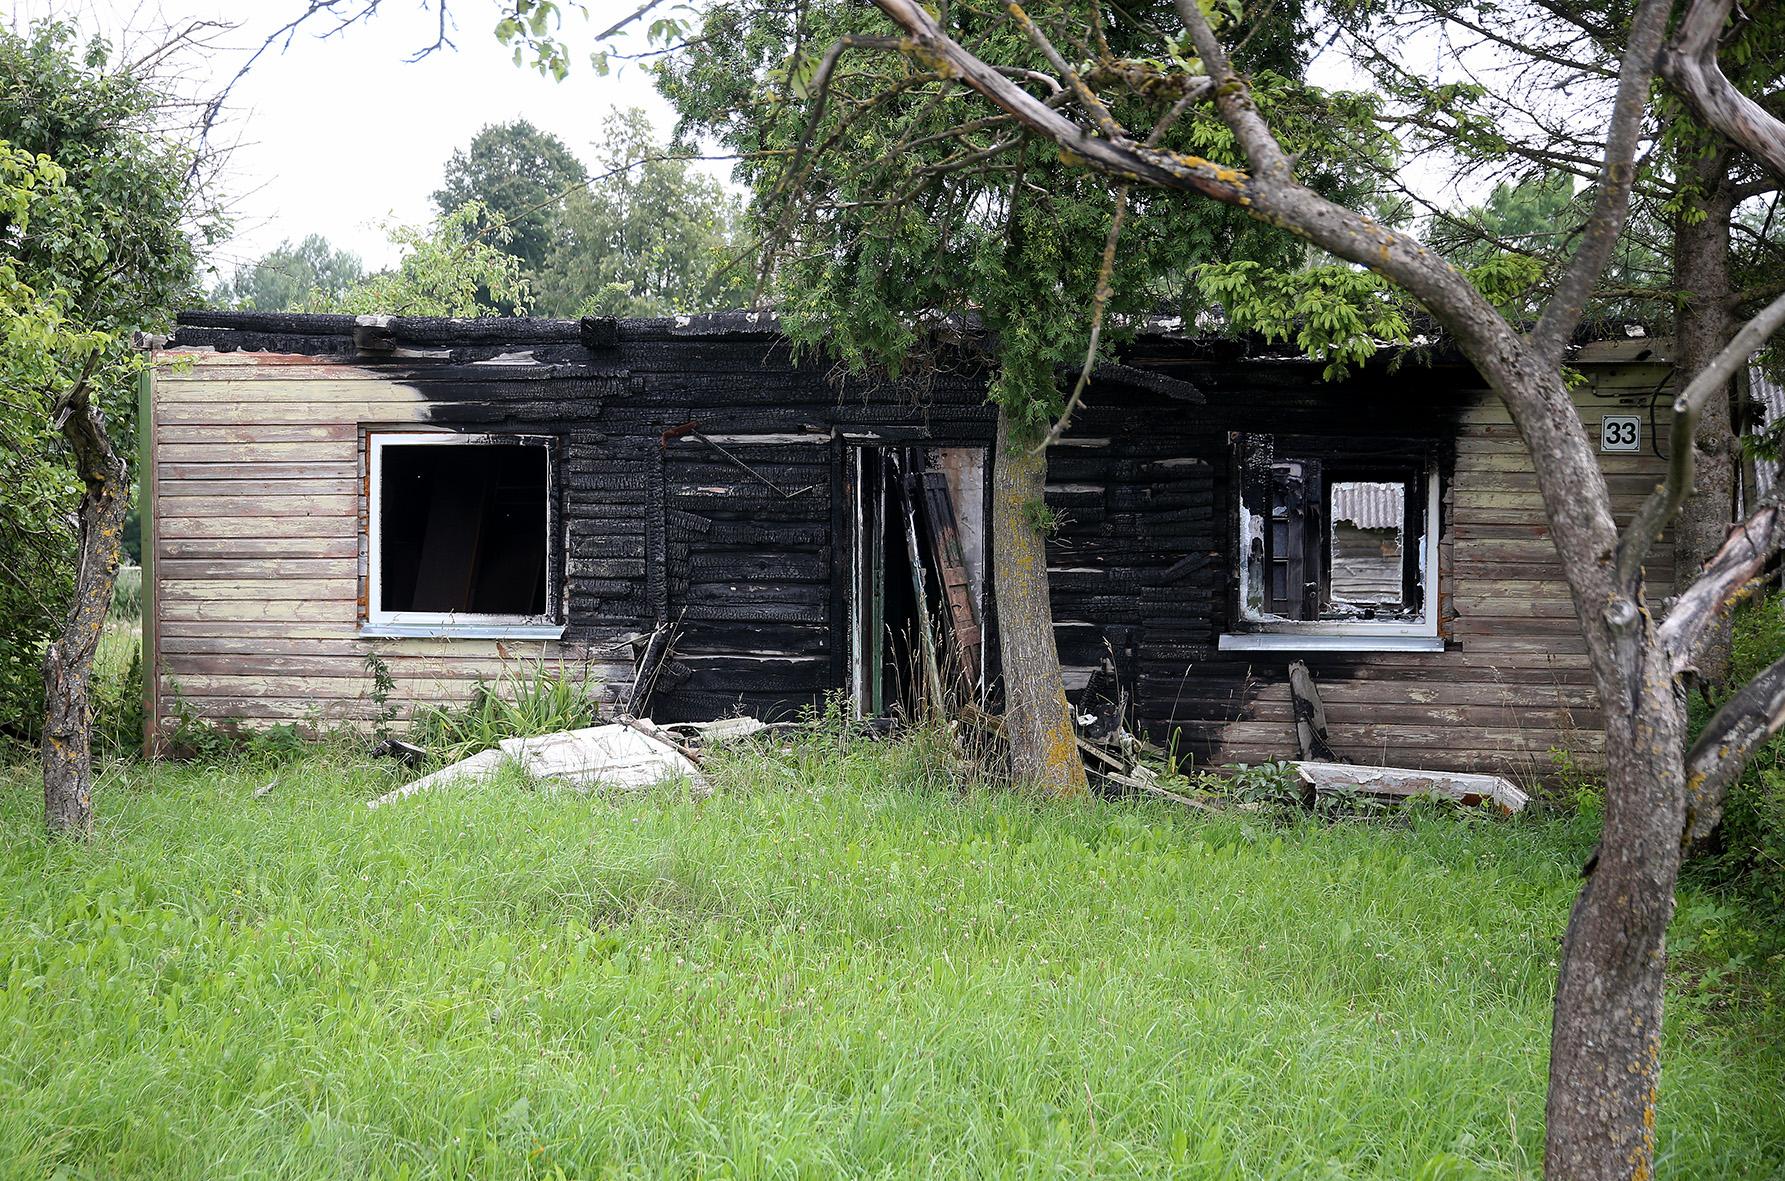 Šioje vietoje lankėmės lygiai prieš pusantrų metų – tuomet čia sudegė jaunos šeimos namas. A. Barzdžiaus nuotr.